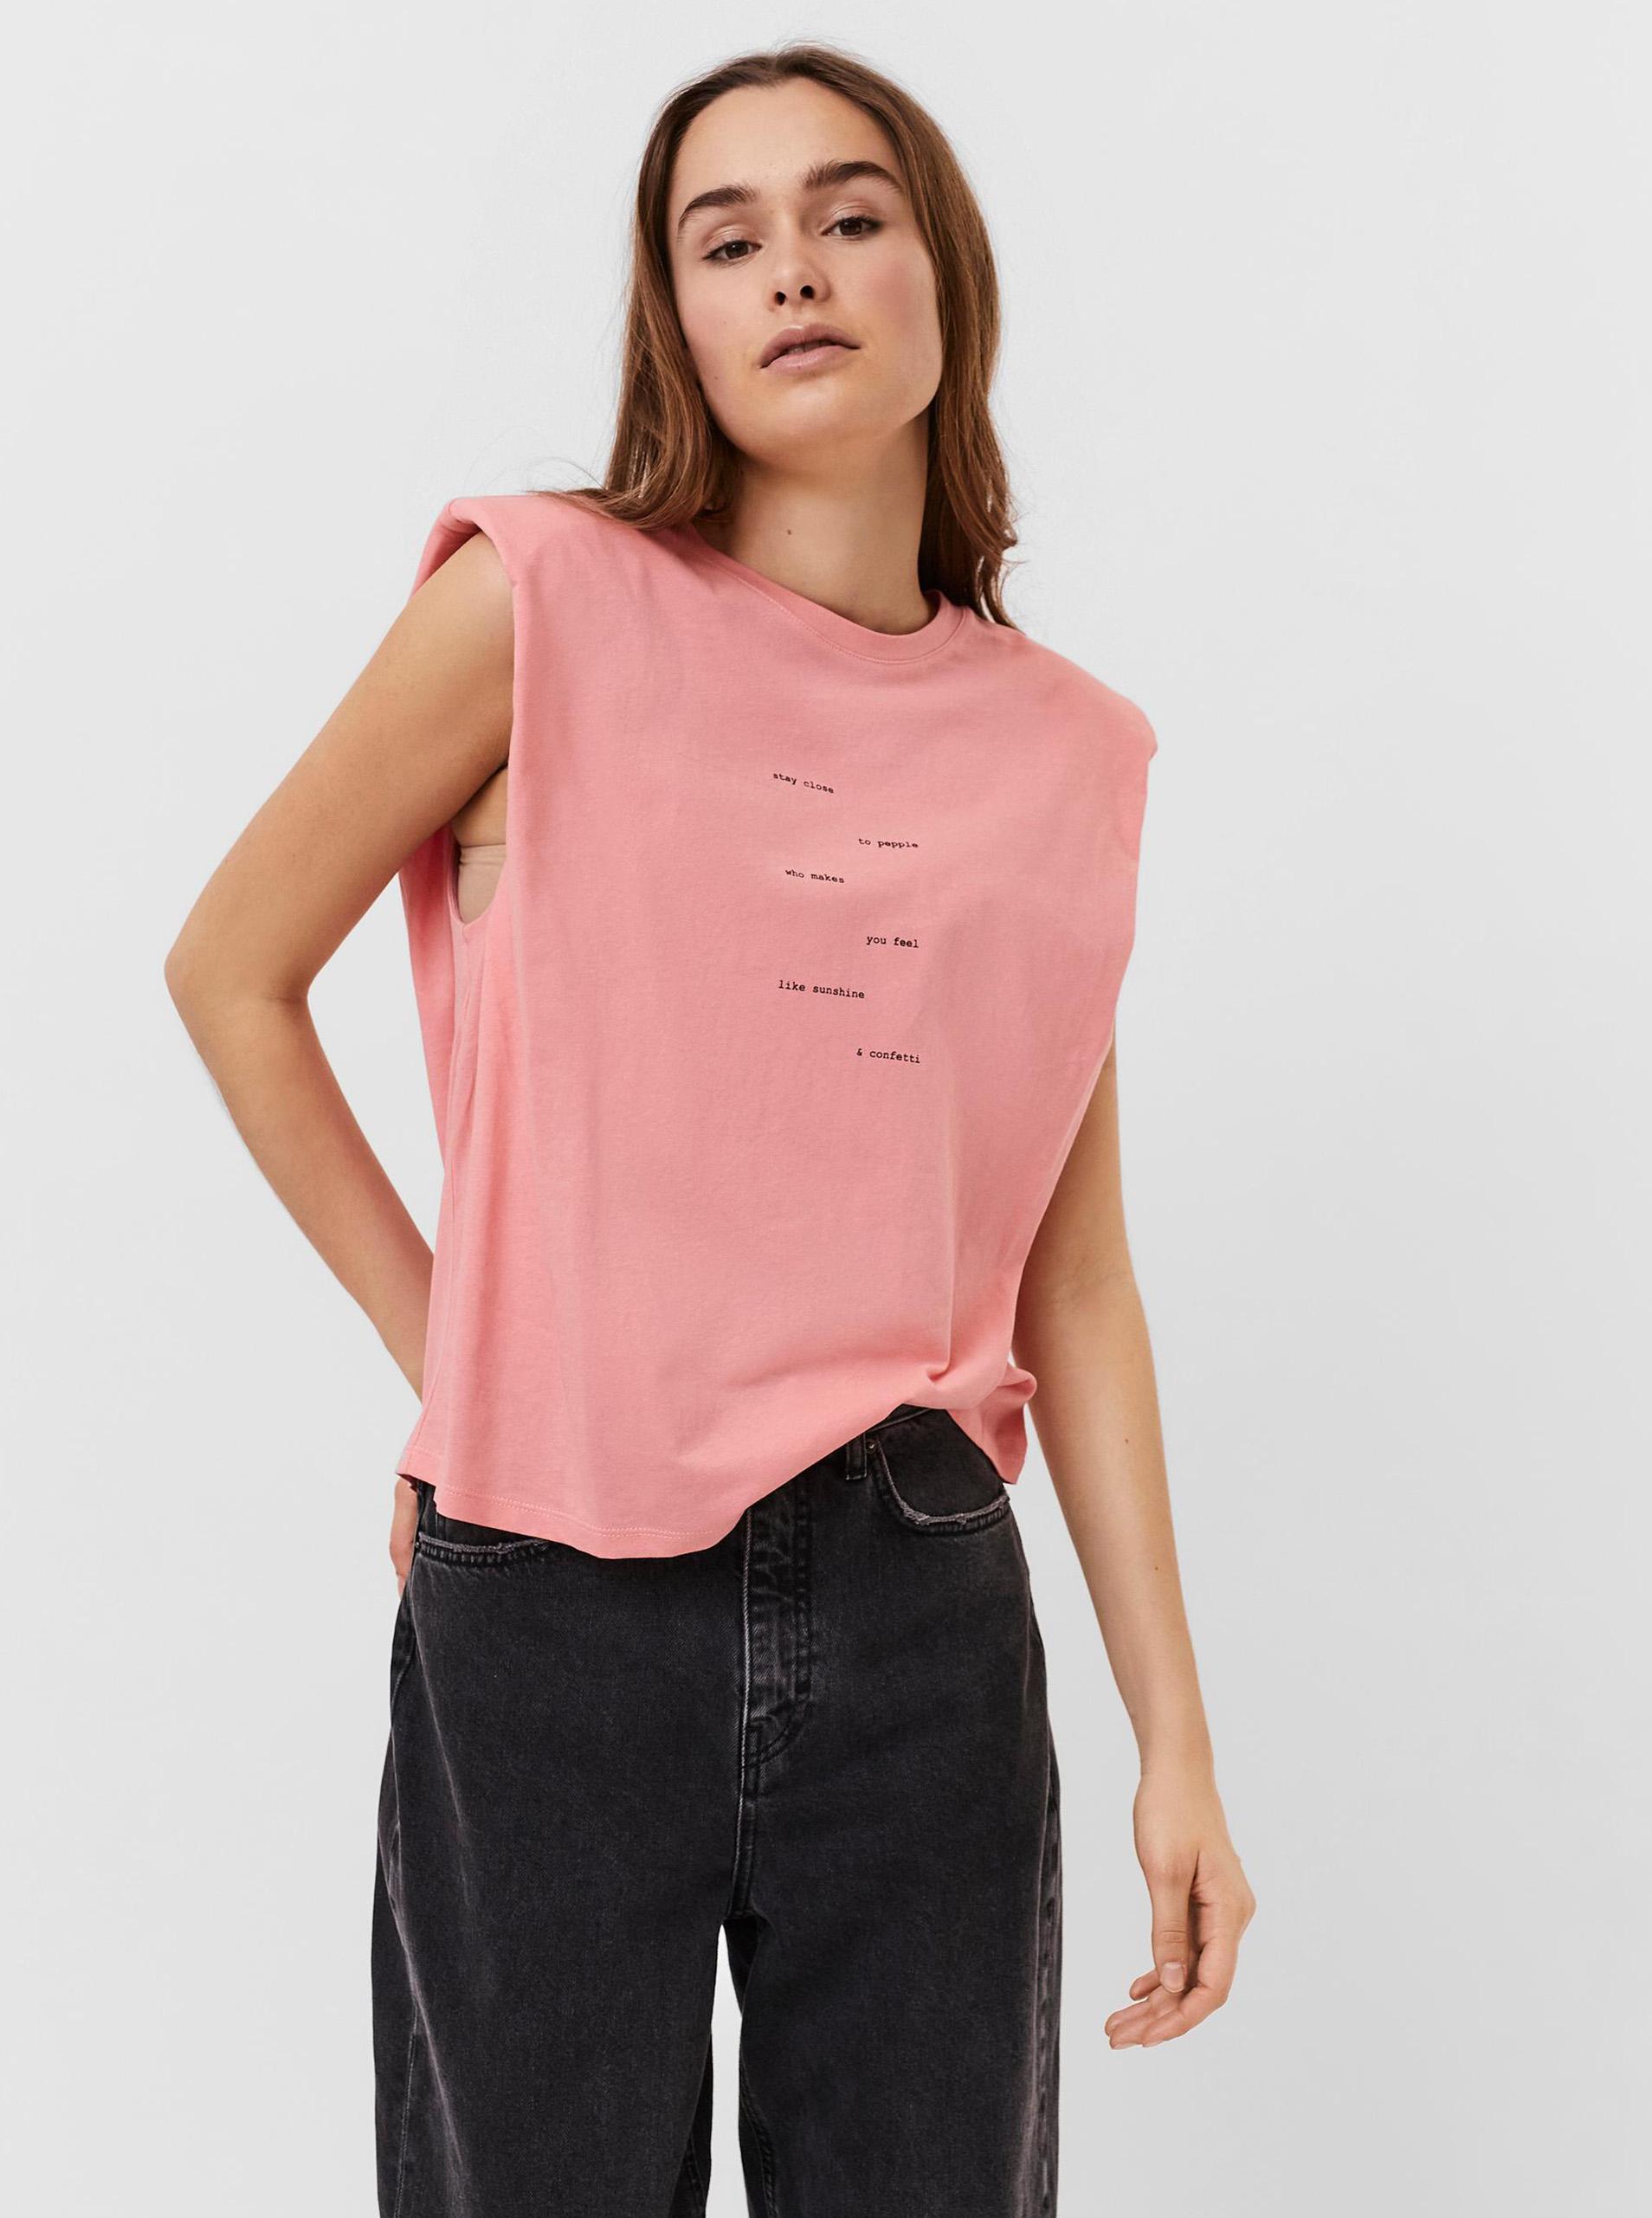 Vero Moda rosa maglietta Hollie